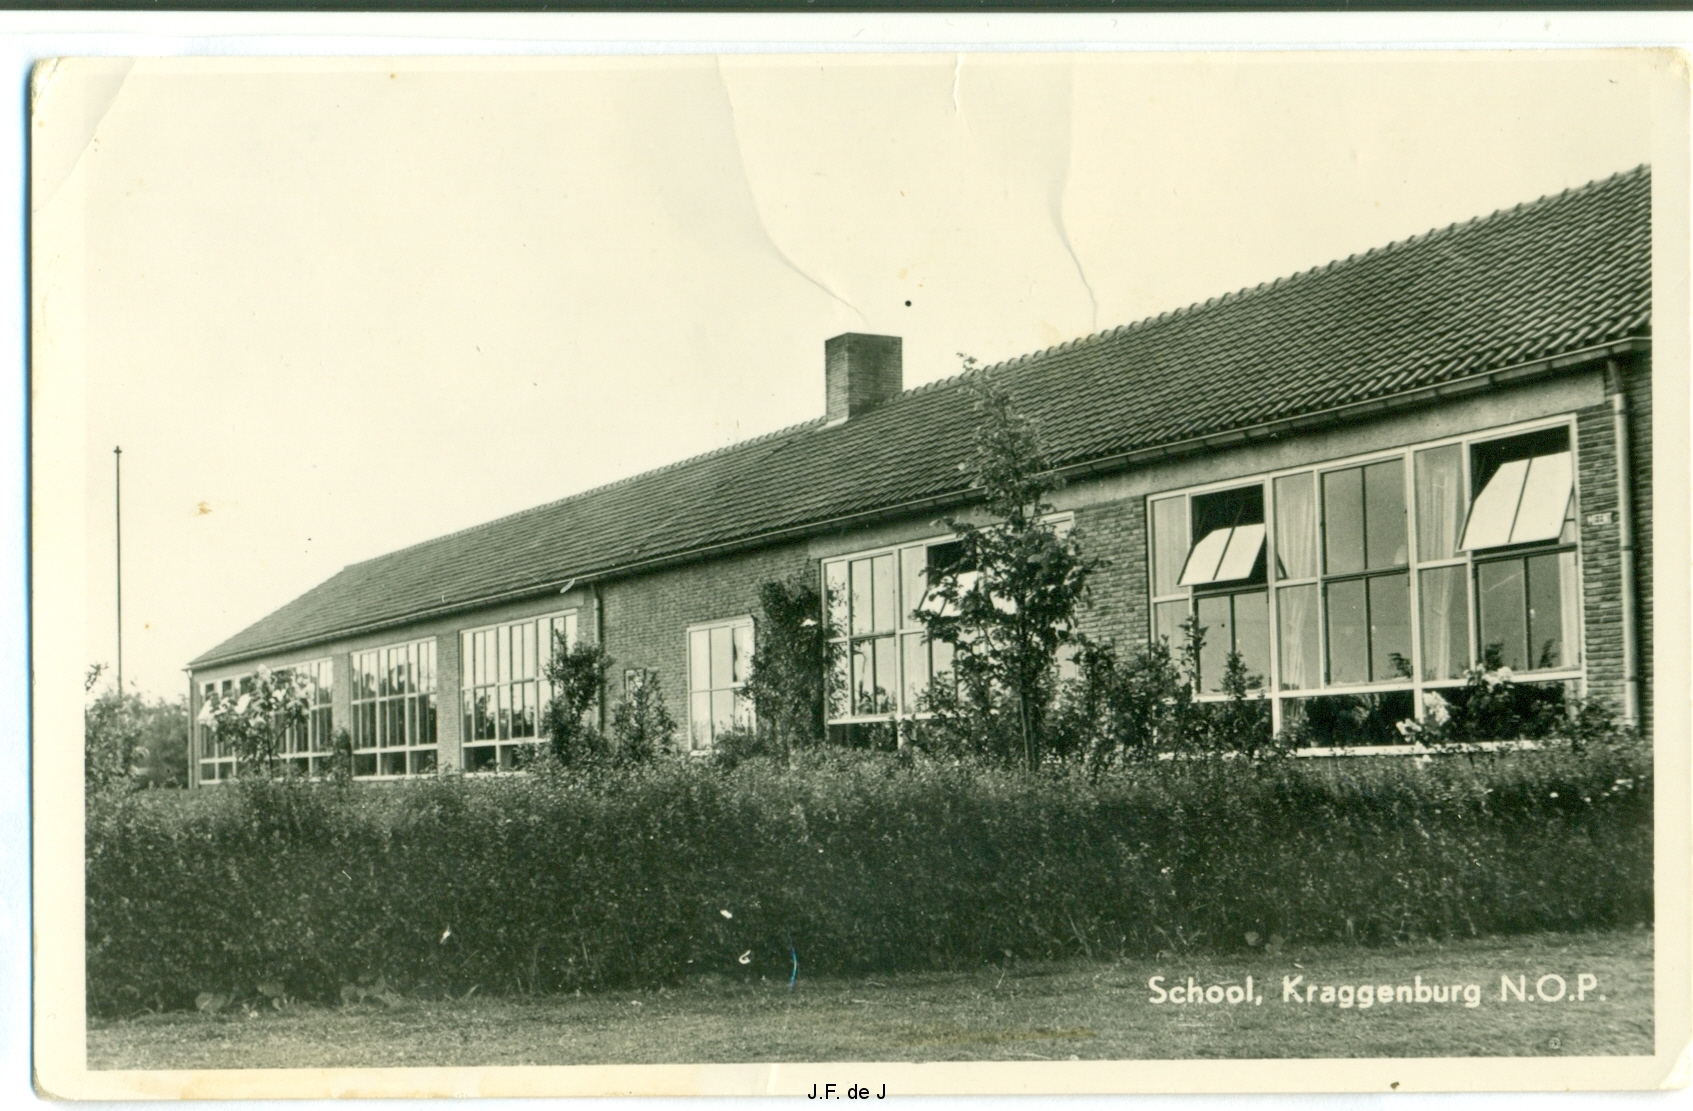 School Kraggenburg